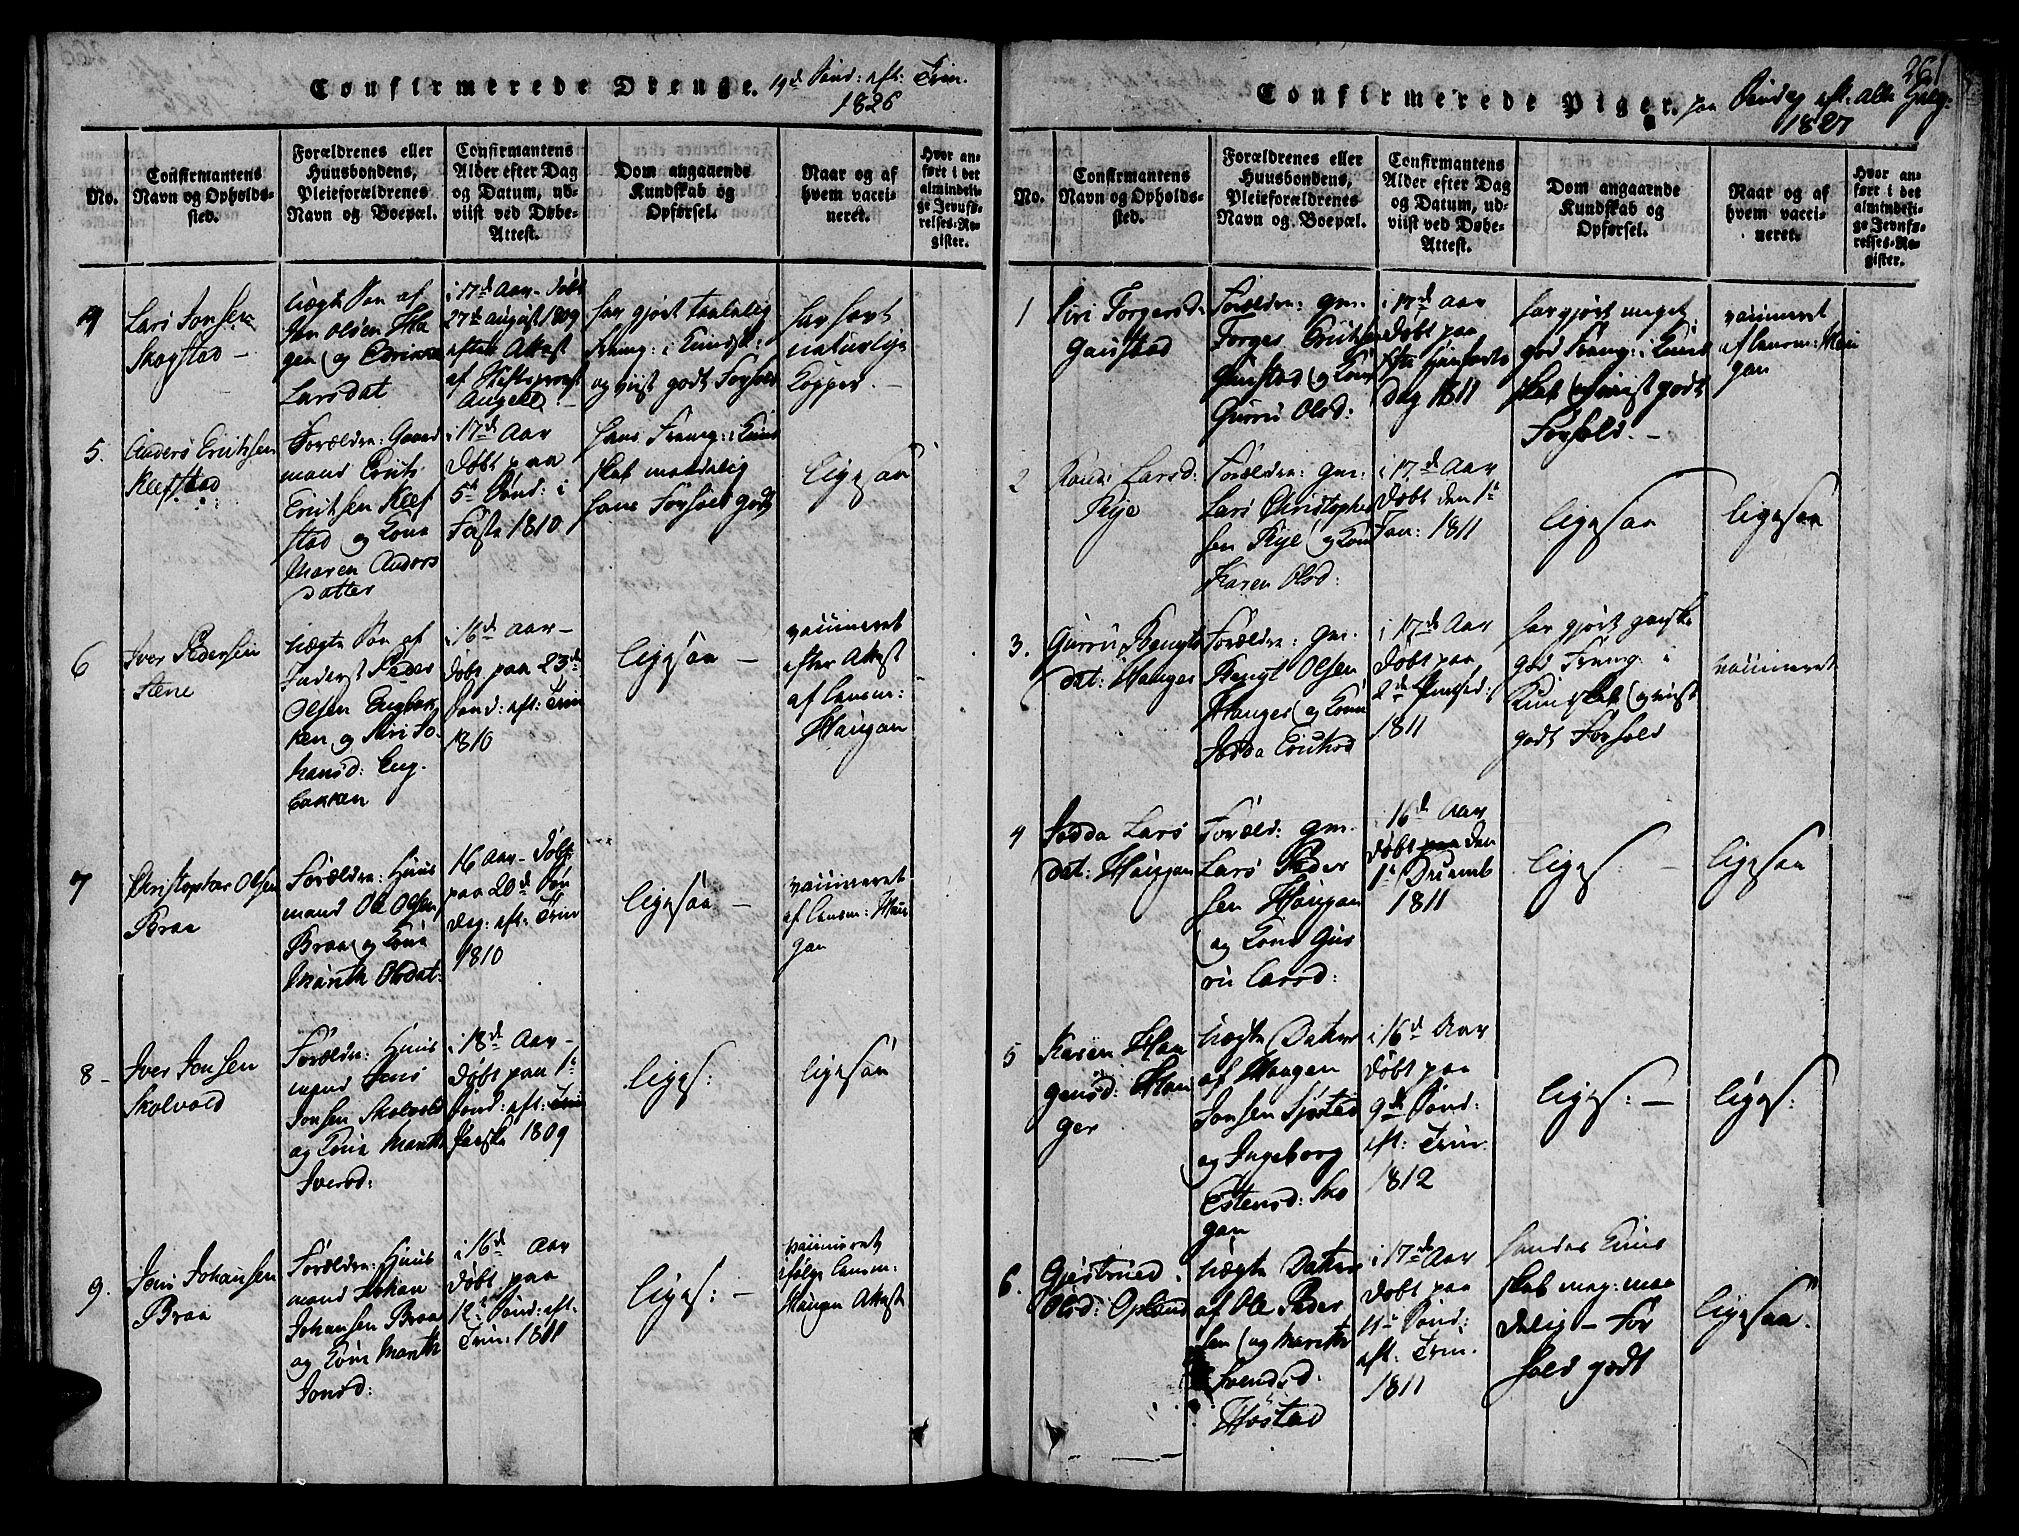 SAT, Ministerialprotokoller, klokkerbøker og fødselsregistre - Sør-Trøndelag, 612/L0372: Ministerialbok nr. 612A06 /1, 1816-1828, s. 261